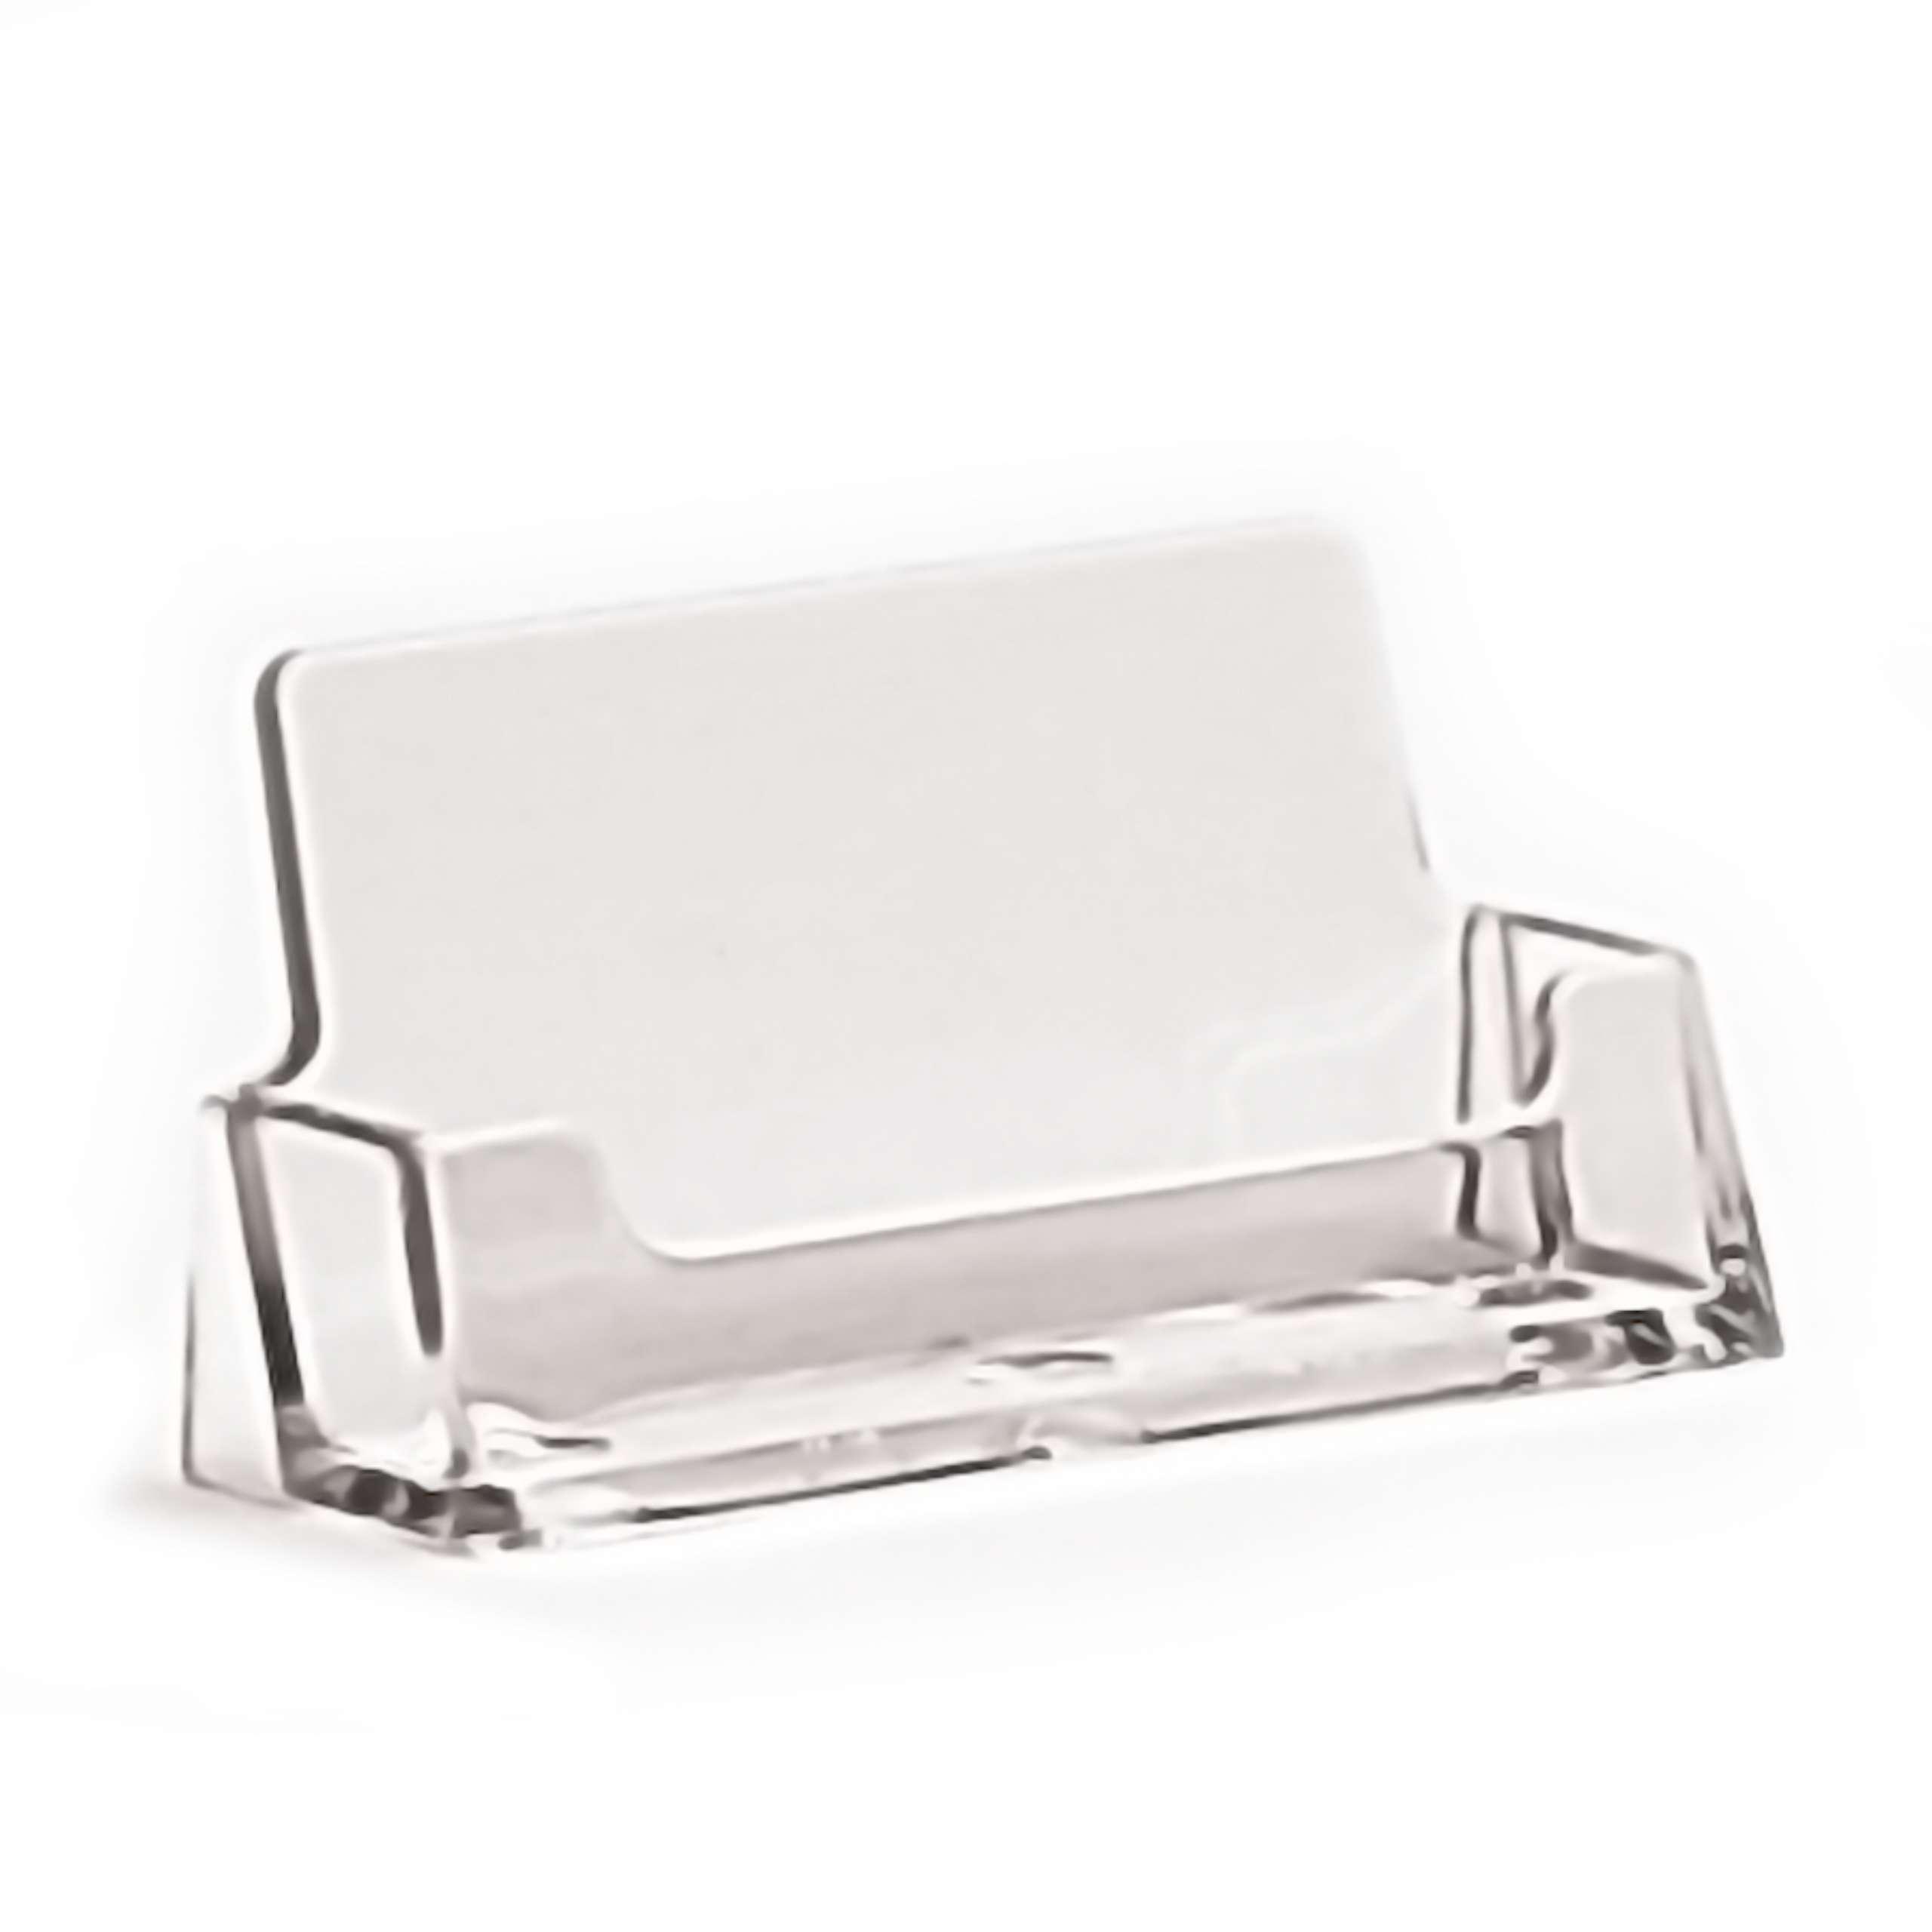 Visitenkartenhalter Theke Tisch 1fach Adforyou Online Shop